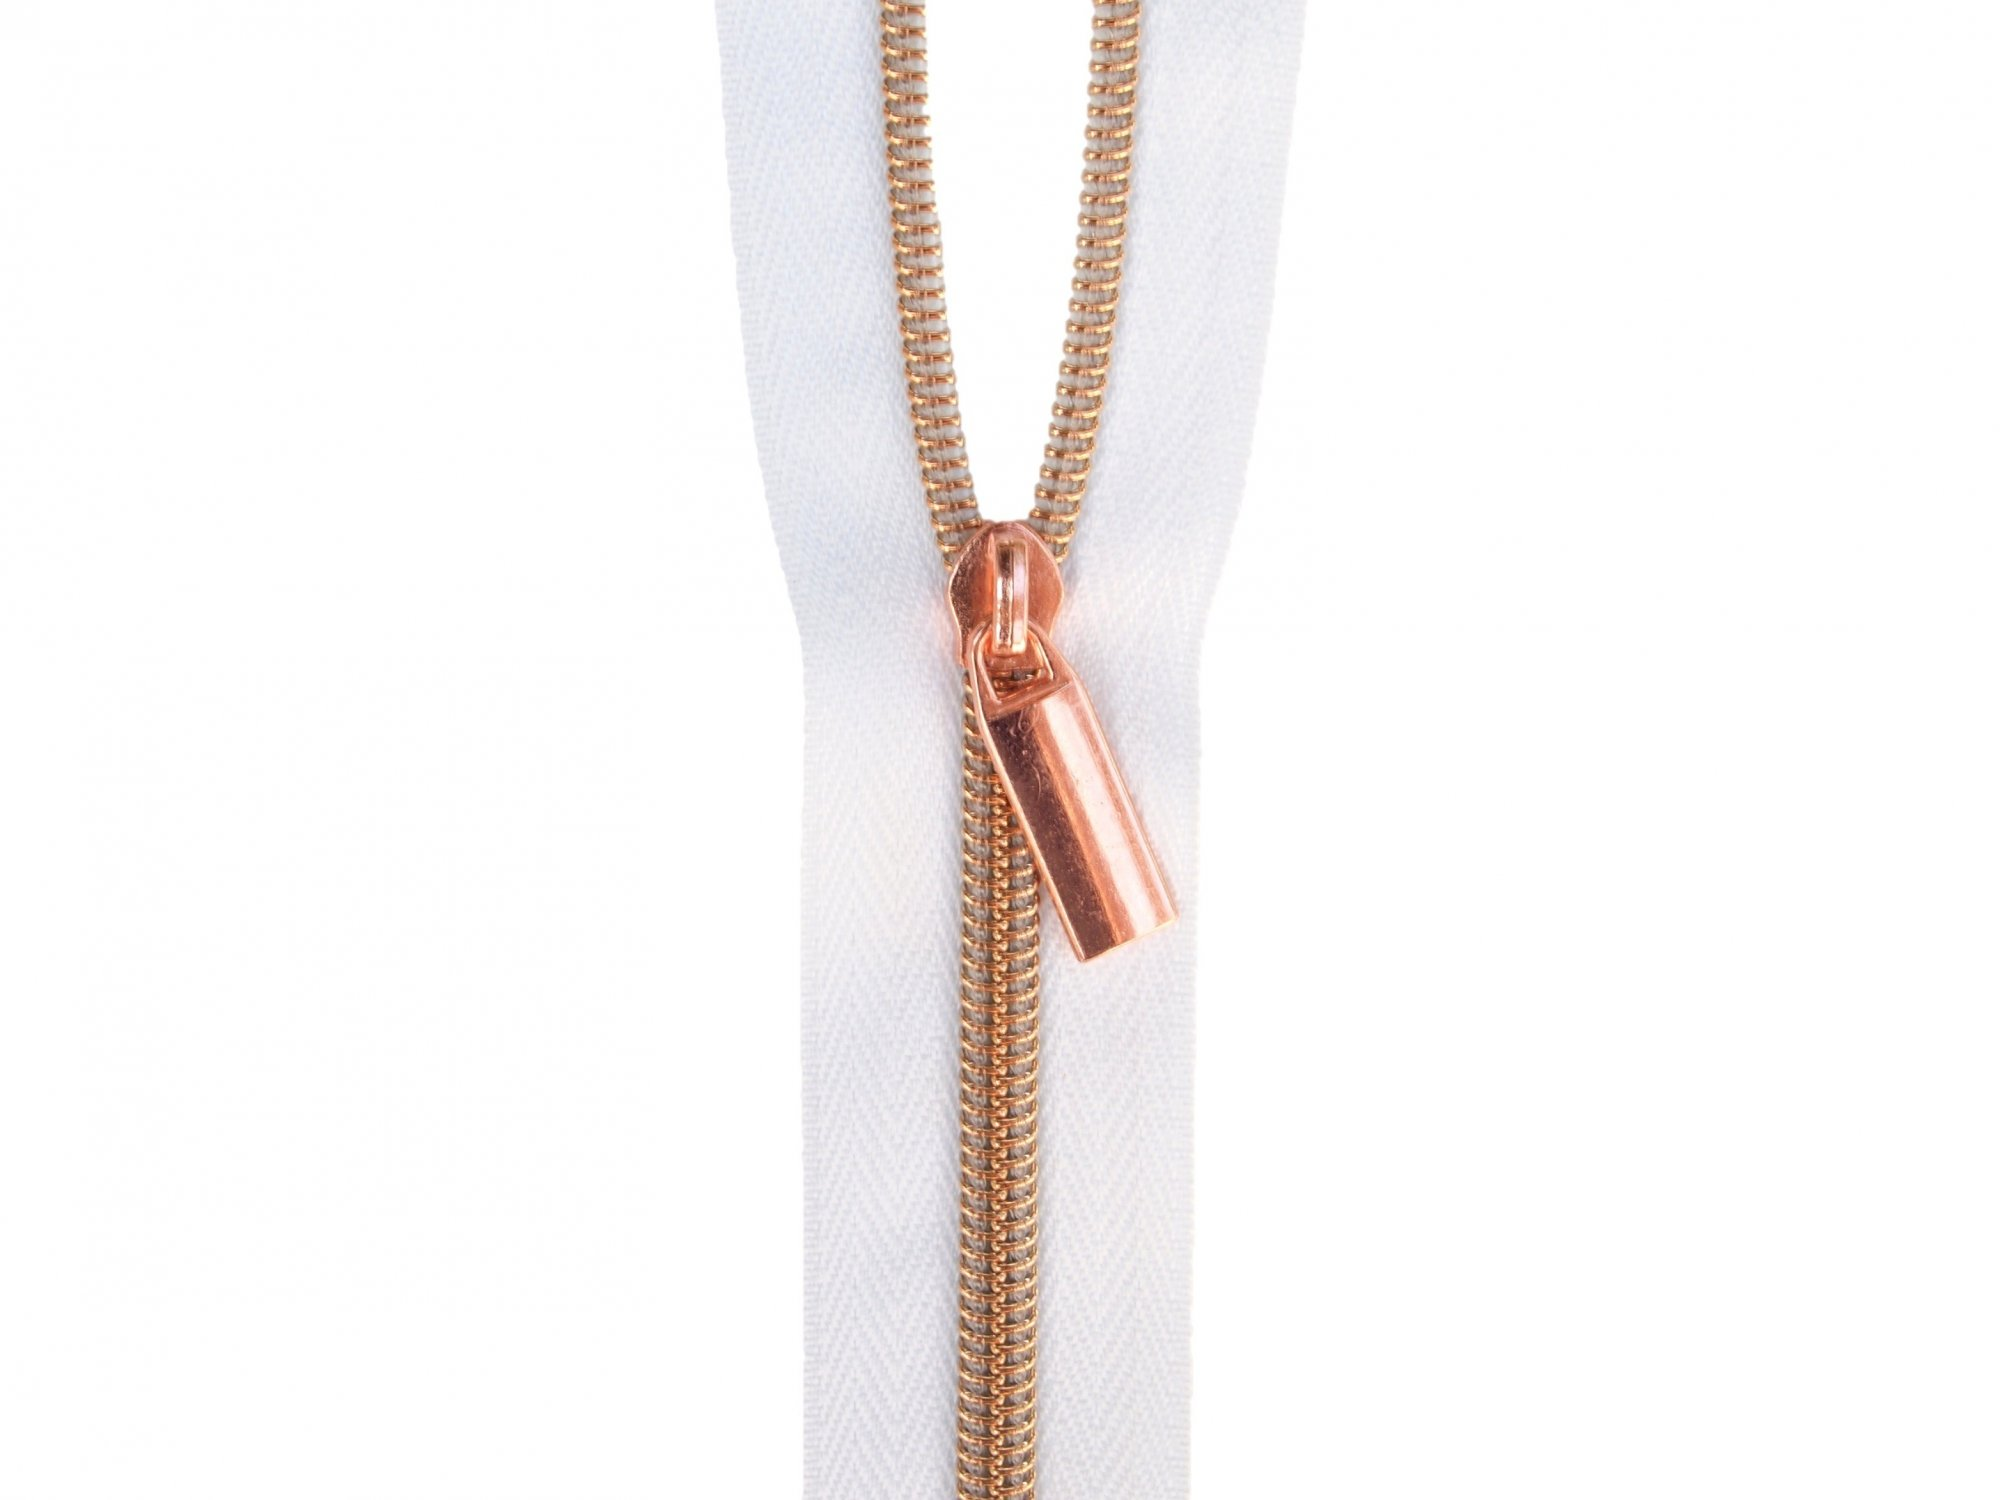 Zipper Tape - White Tape & Copper Zipper